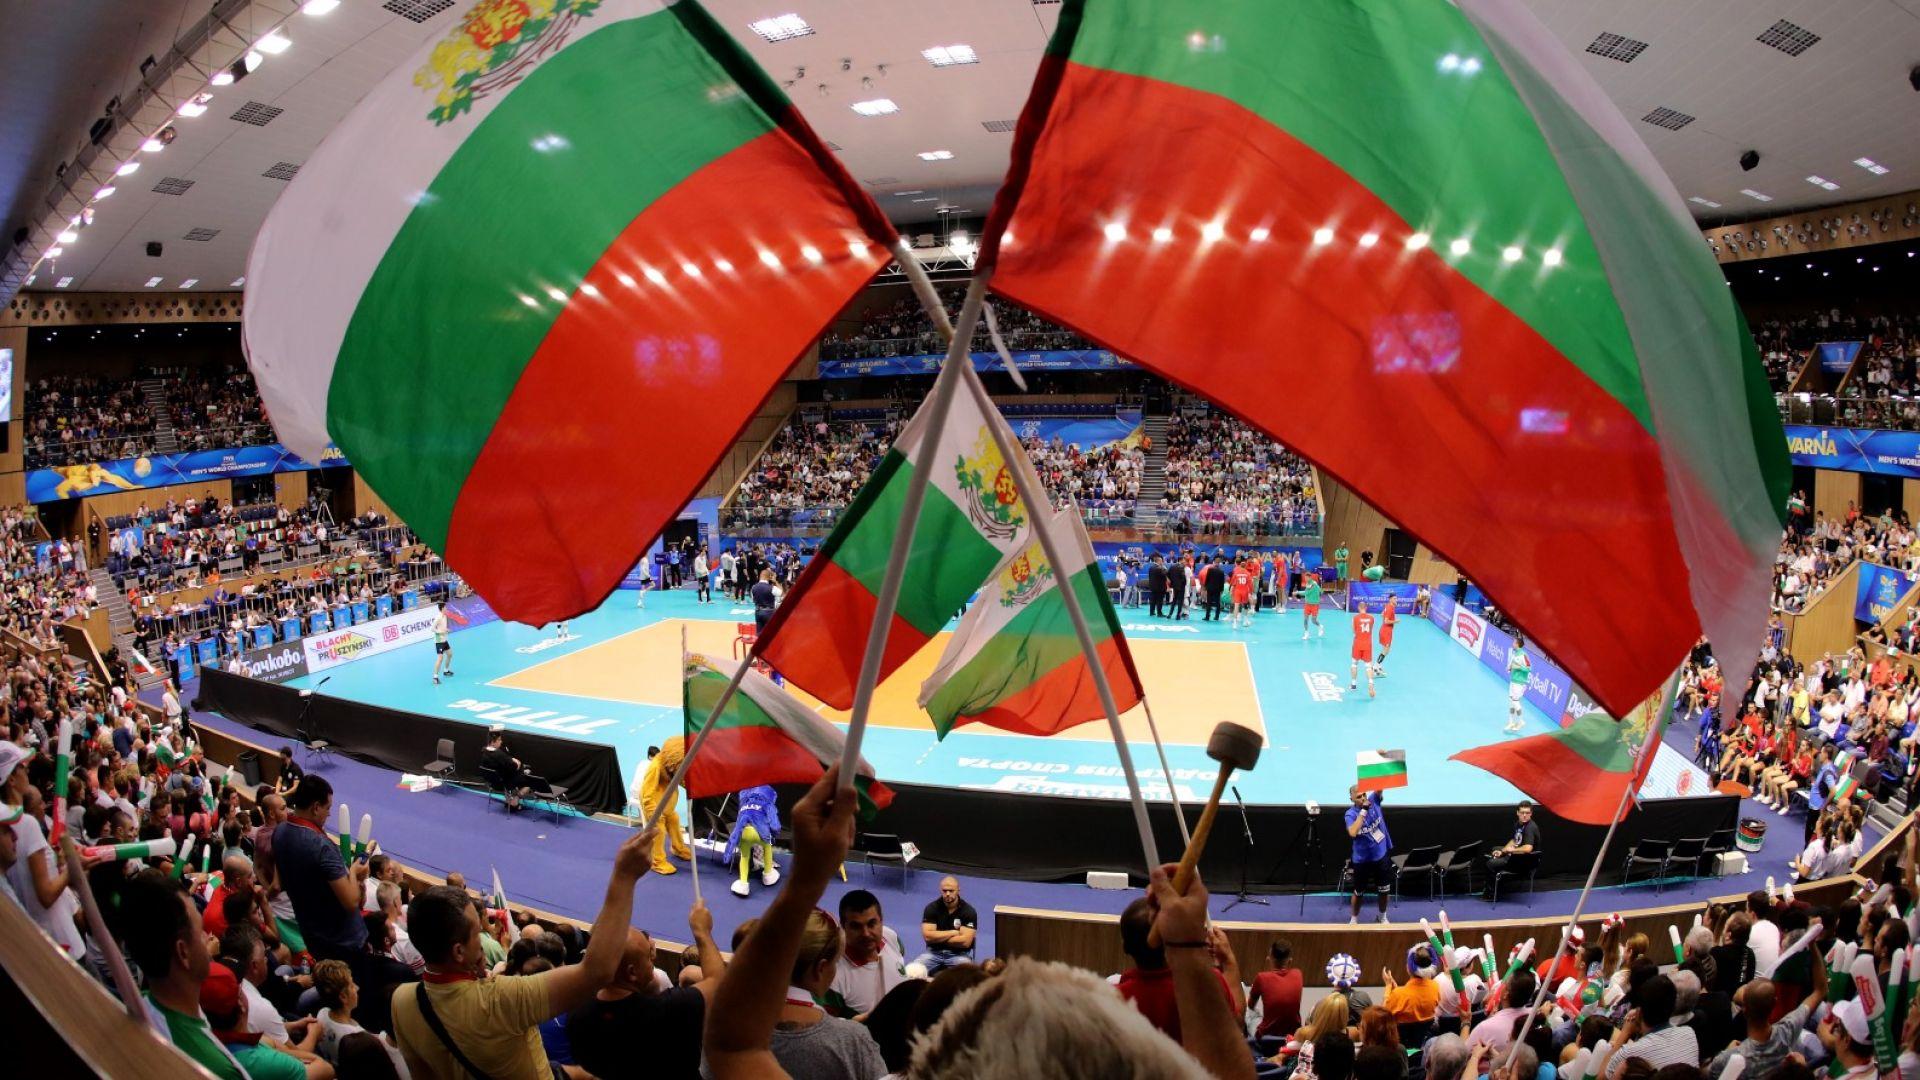 България отново взе домакинство на световно първенство по волейбол